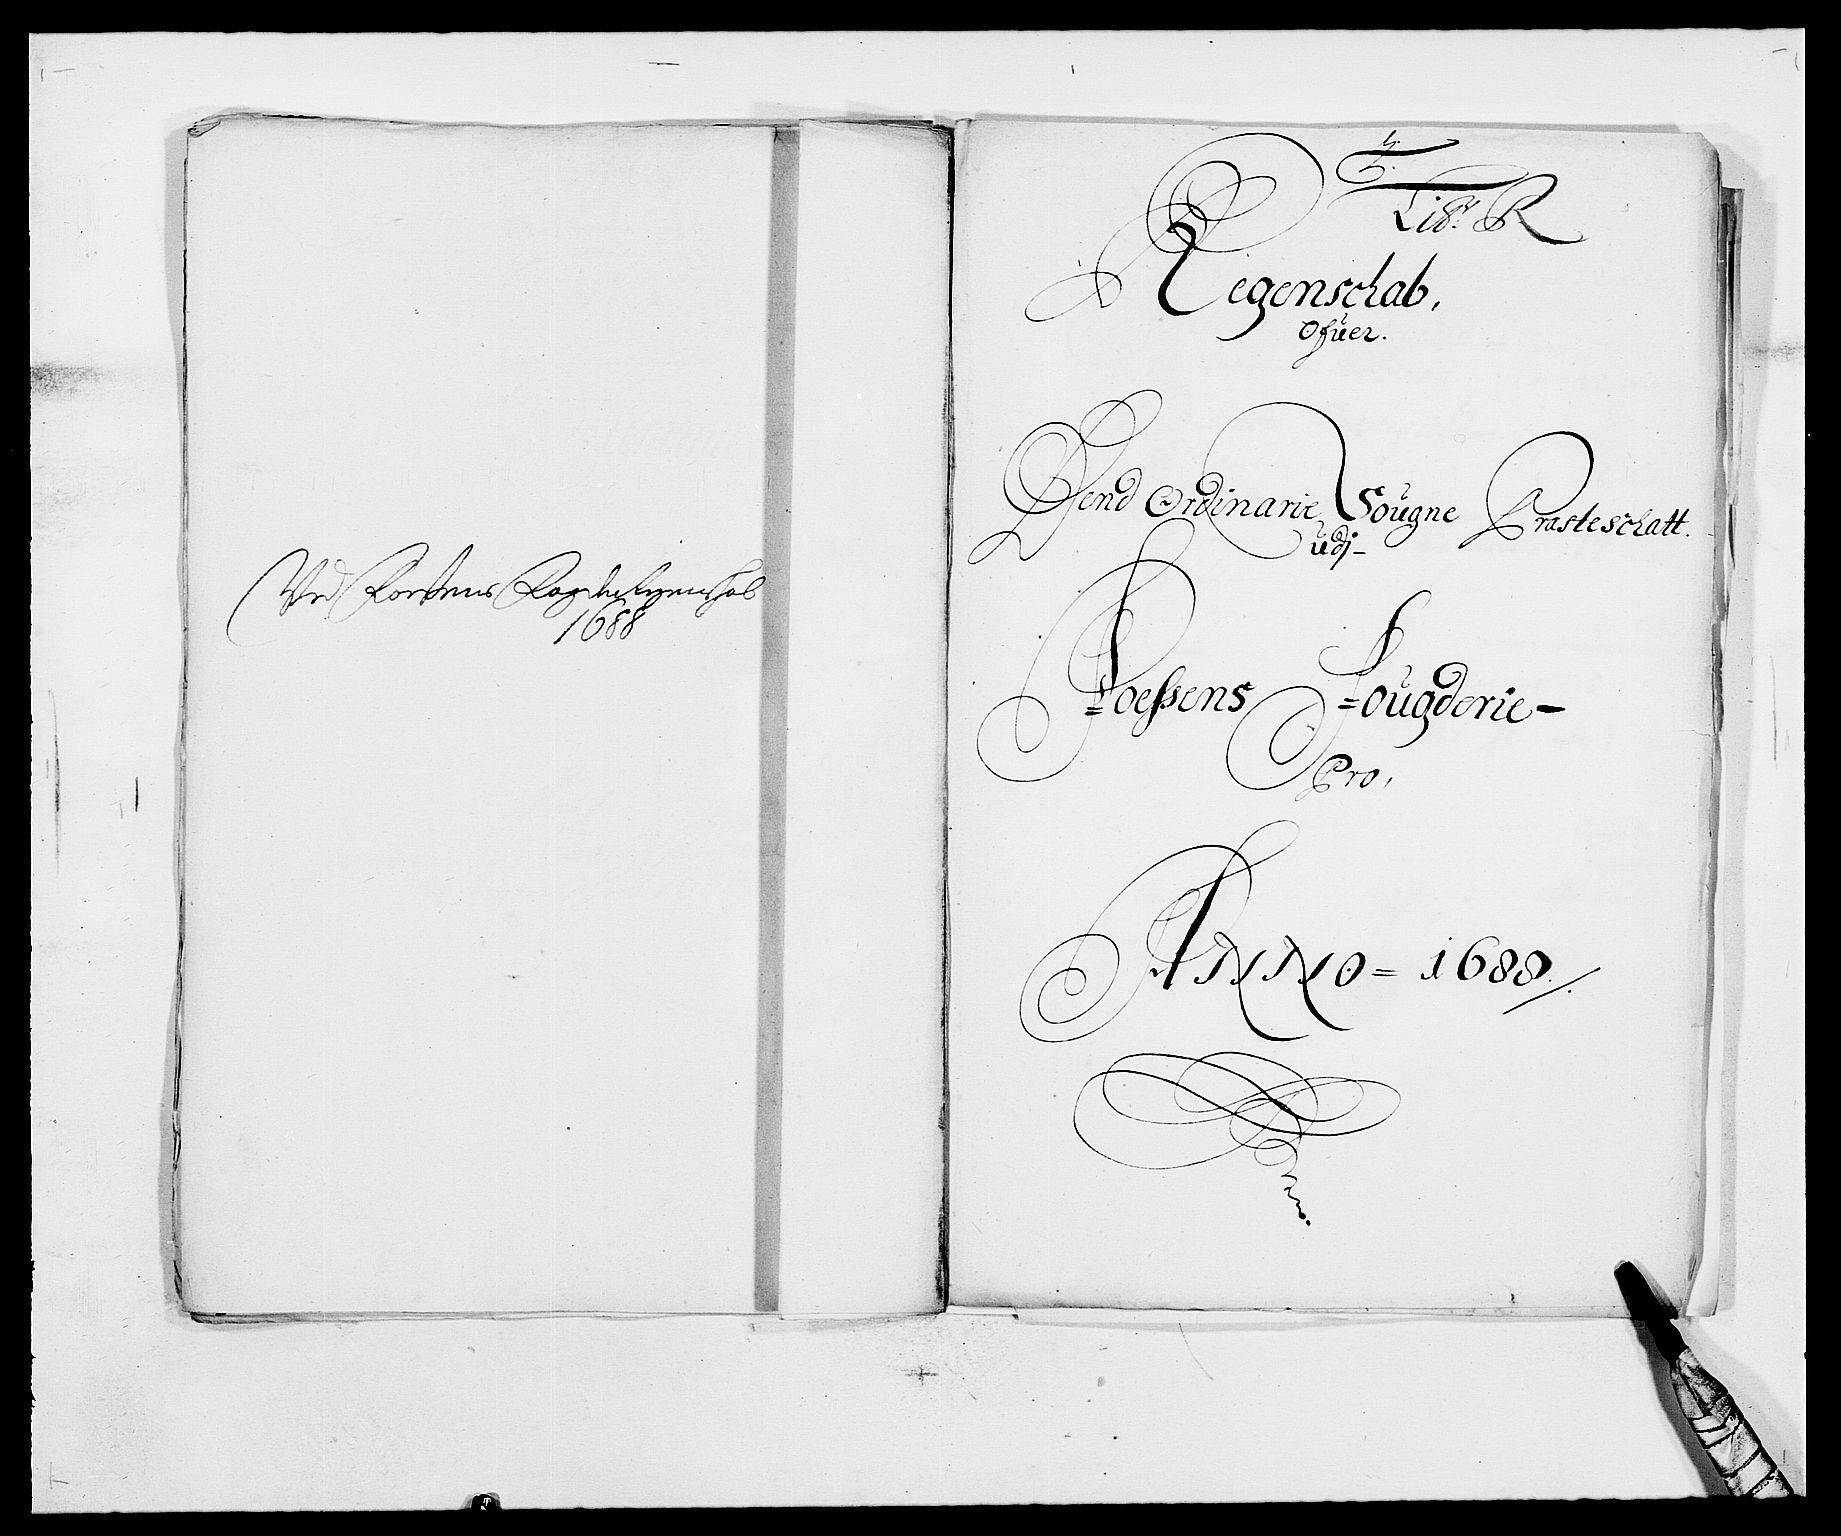 RA, Rentekammeret inntil 1814, Reviderte regnskaper, Fogderegnskap, R57/L3846: Fogderegnskap Fosen, 1688, s. 190